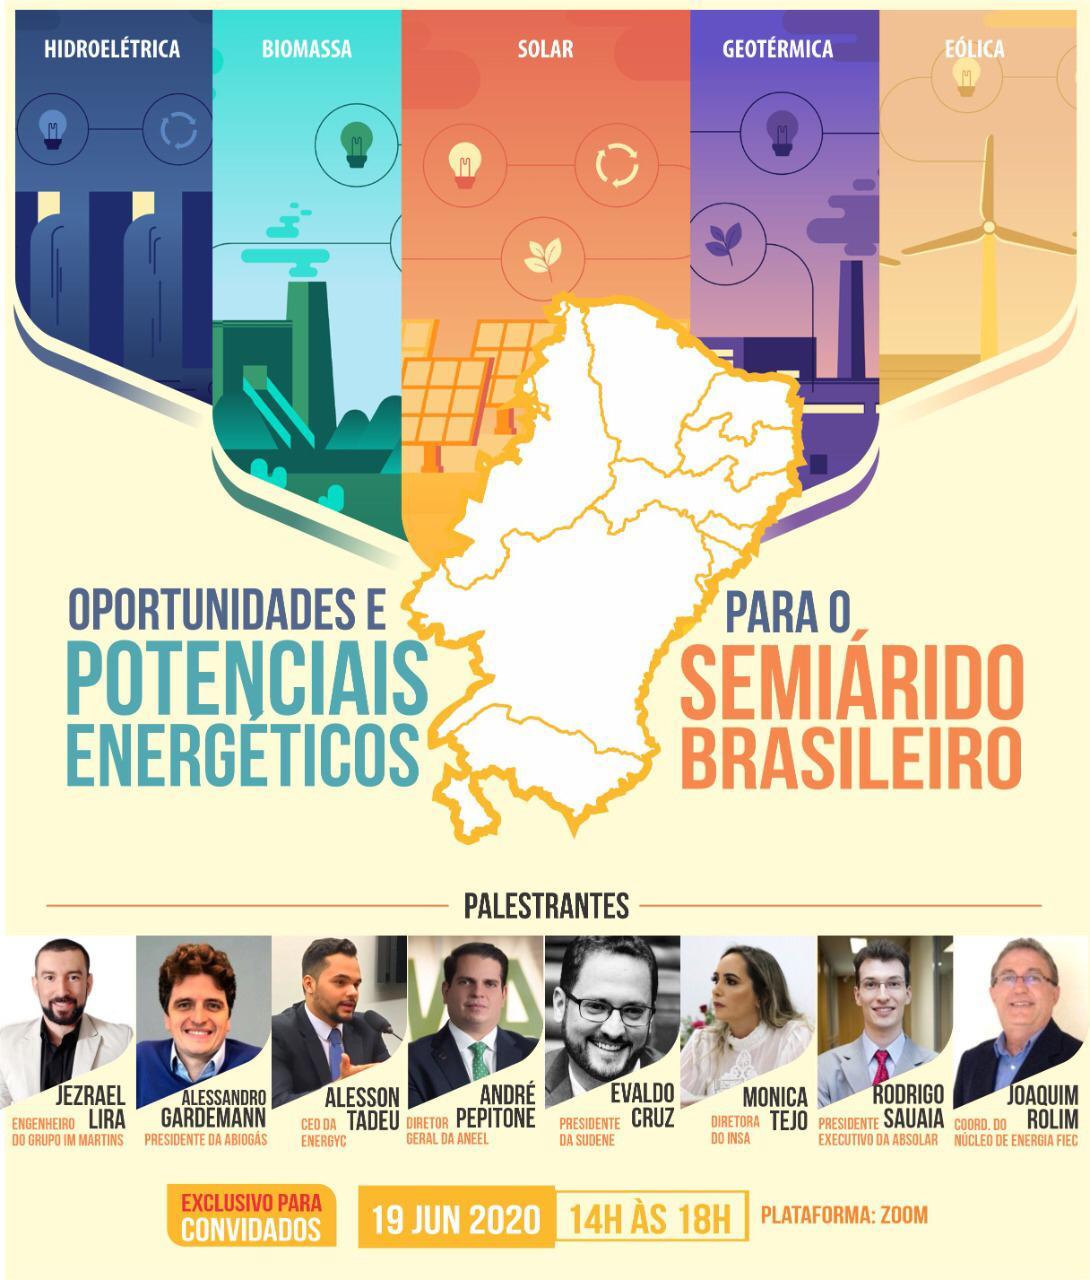 WhatsApp Image 2020 06 11 at 18.04.15 - Insa e Energyc promovem seminário sobre potenciais energéticos do semiárido